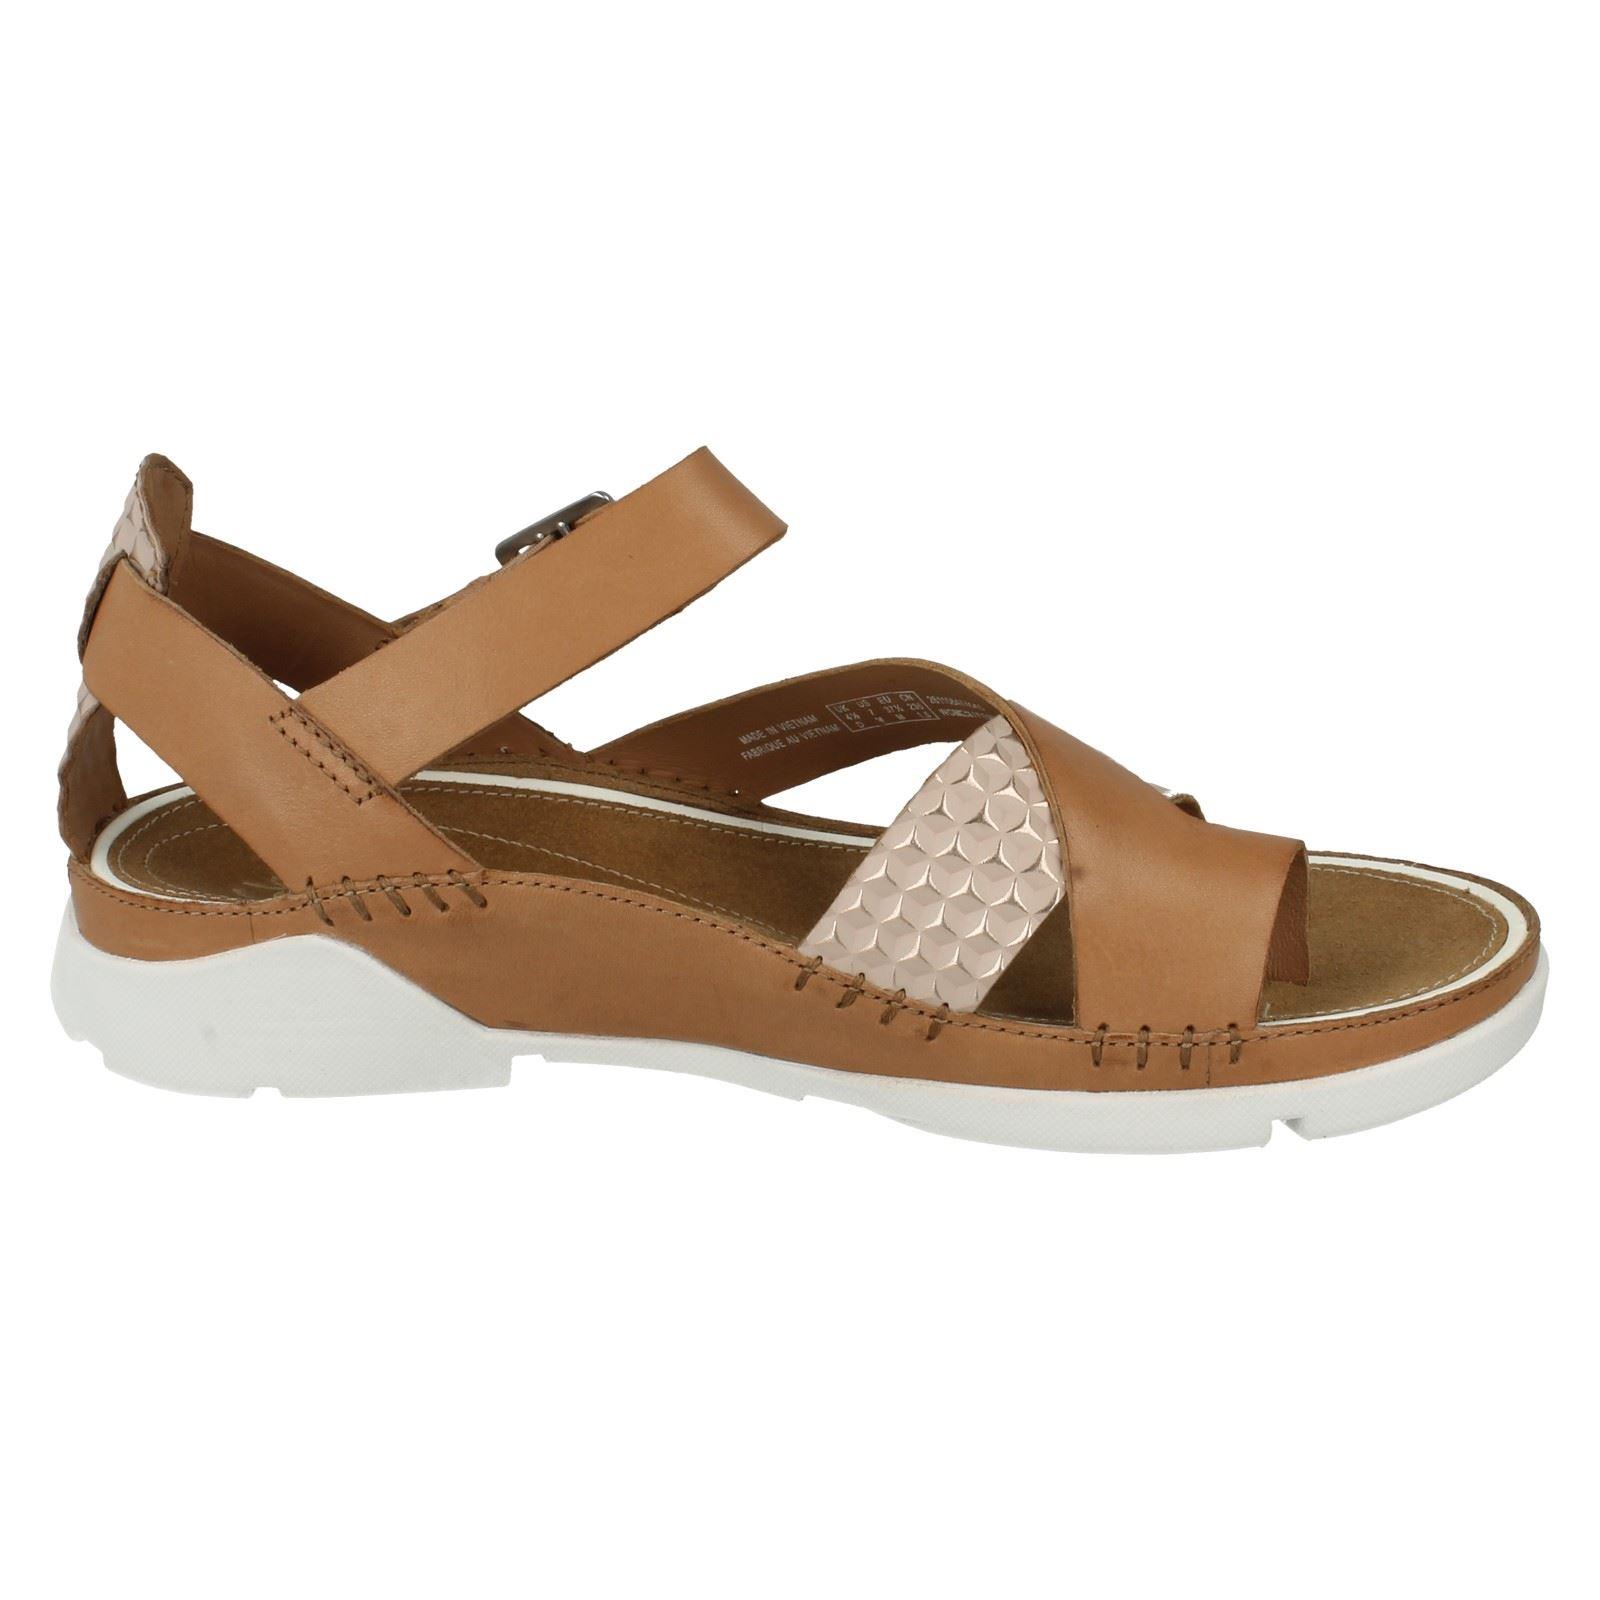 Clarks Ladies Shoes Size